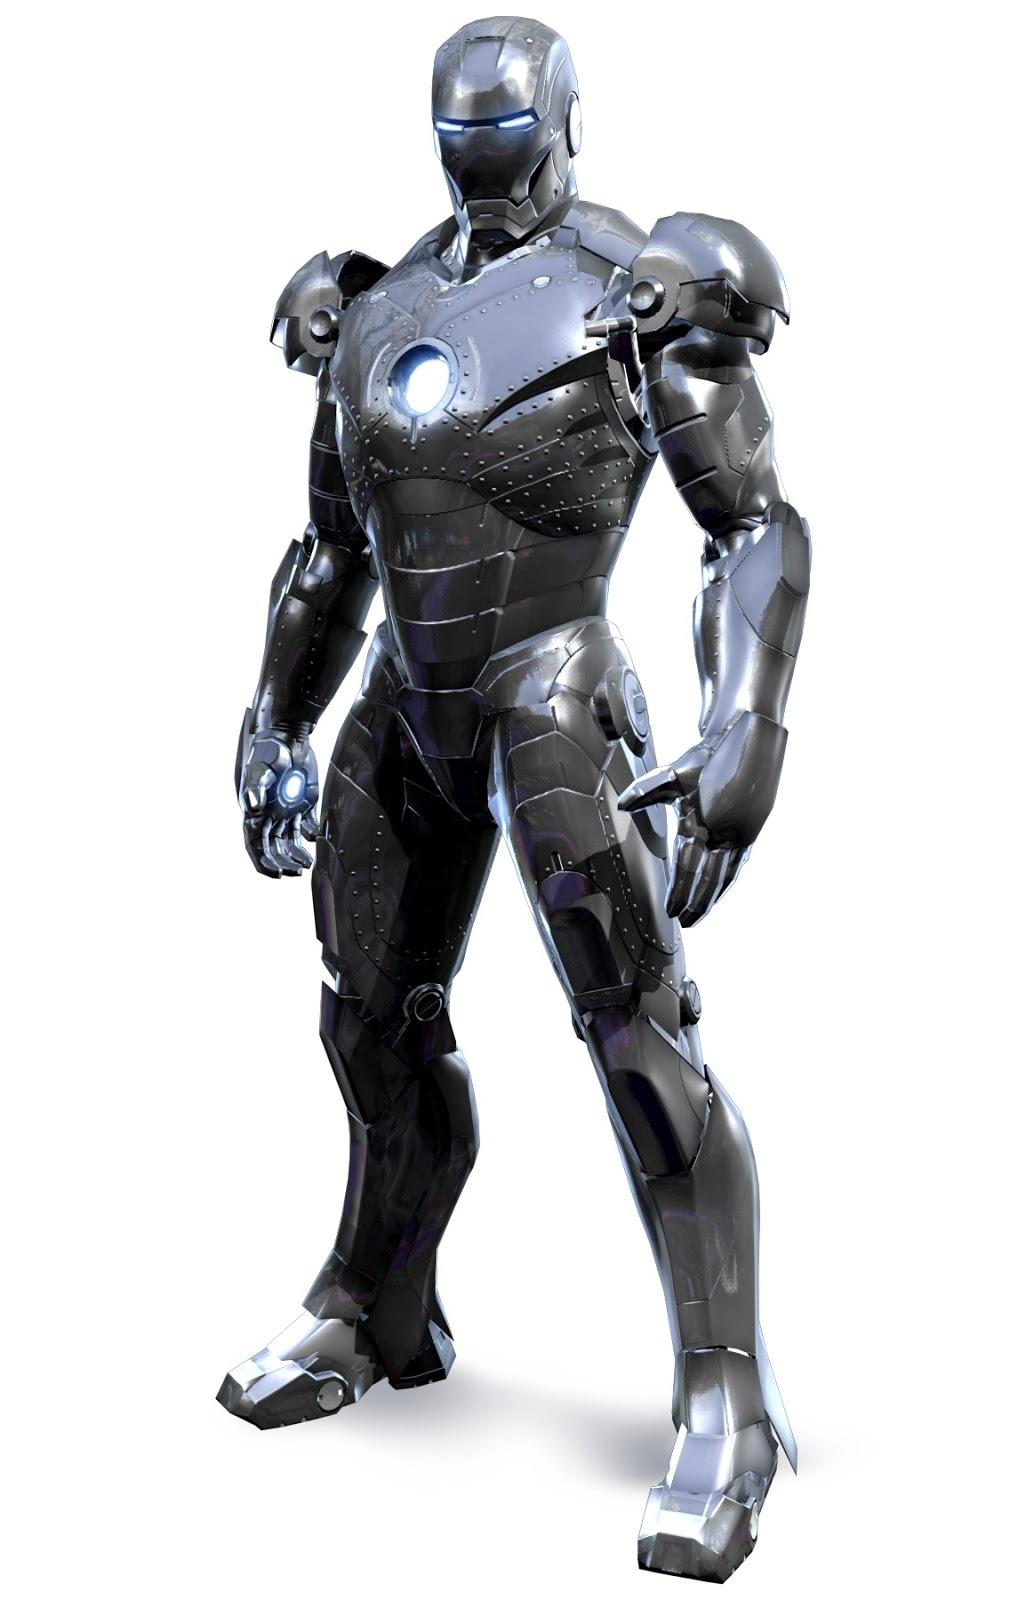 Iron Man Cool Pic